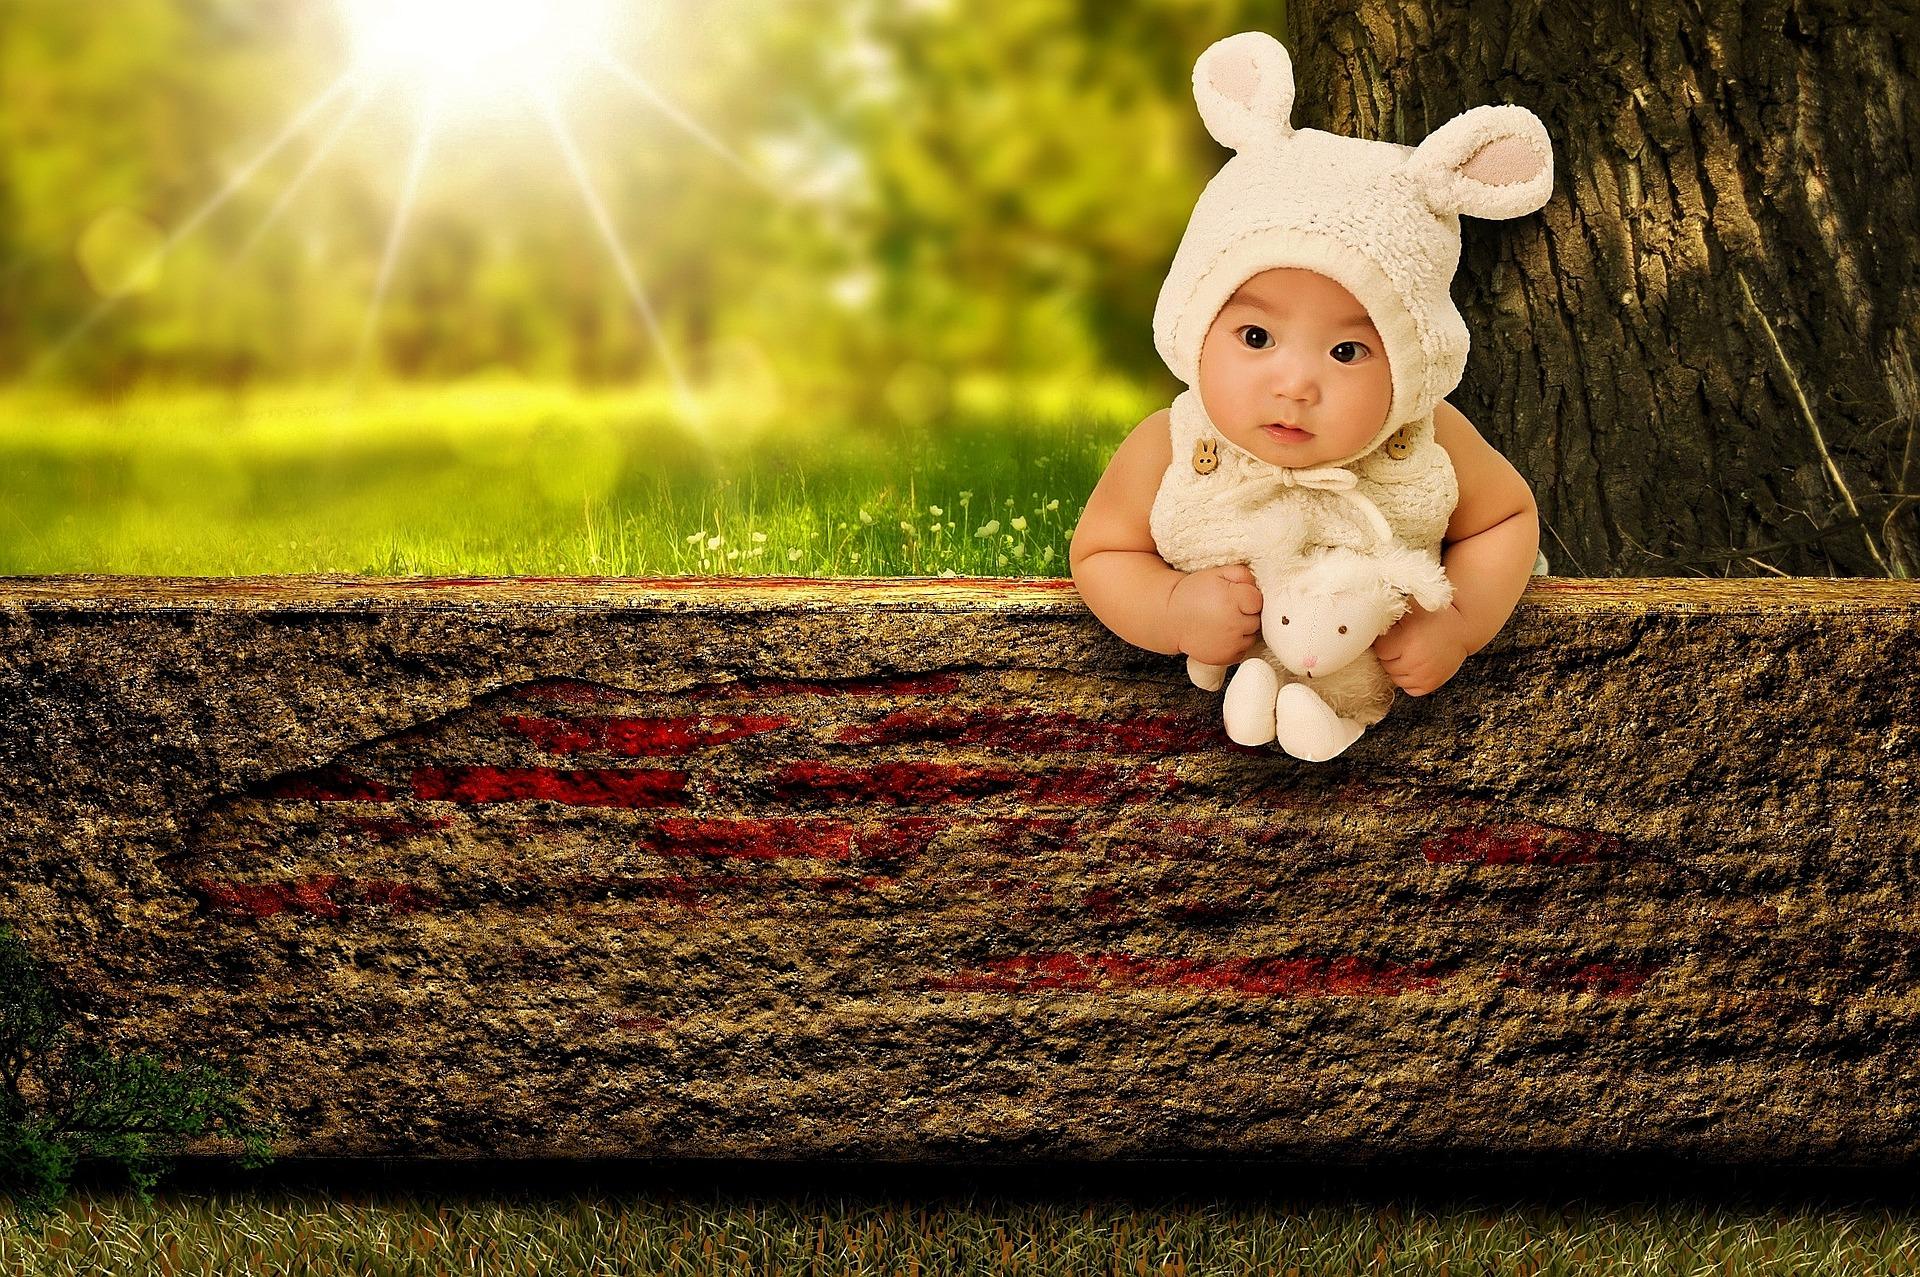 Éviter la déshydratation des enfants face à la canicule